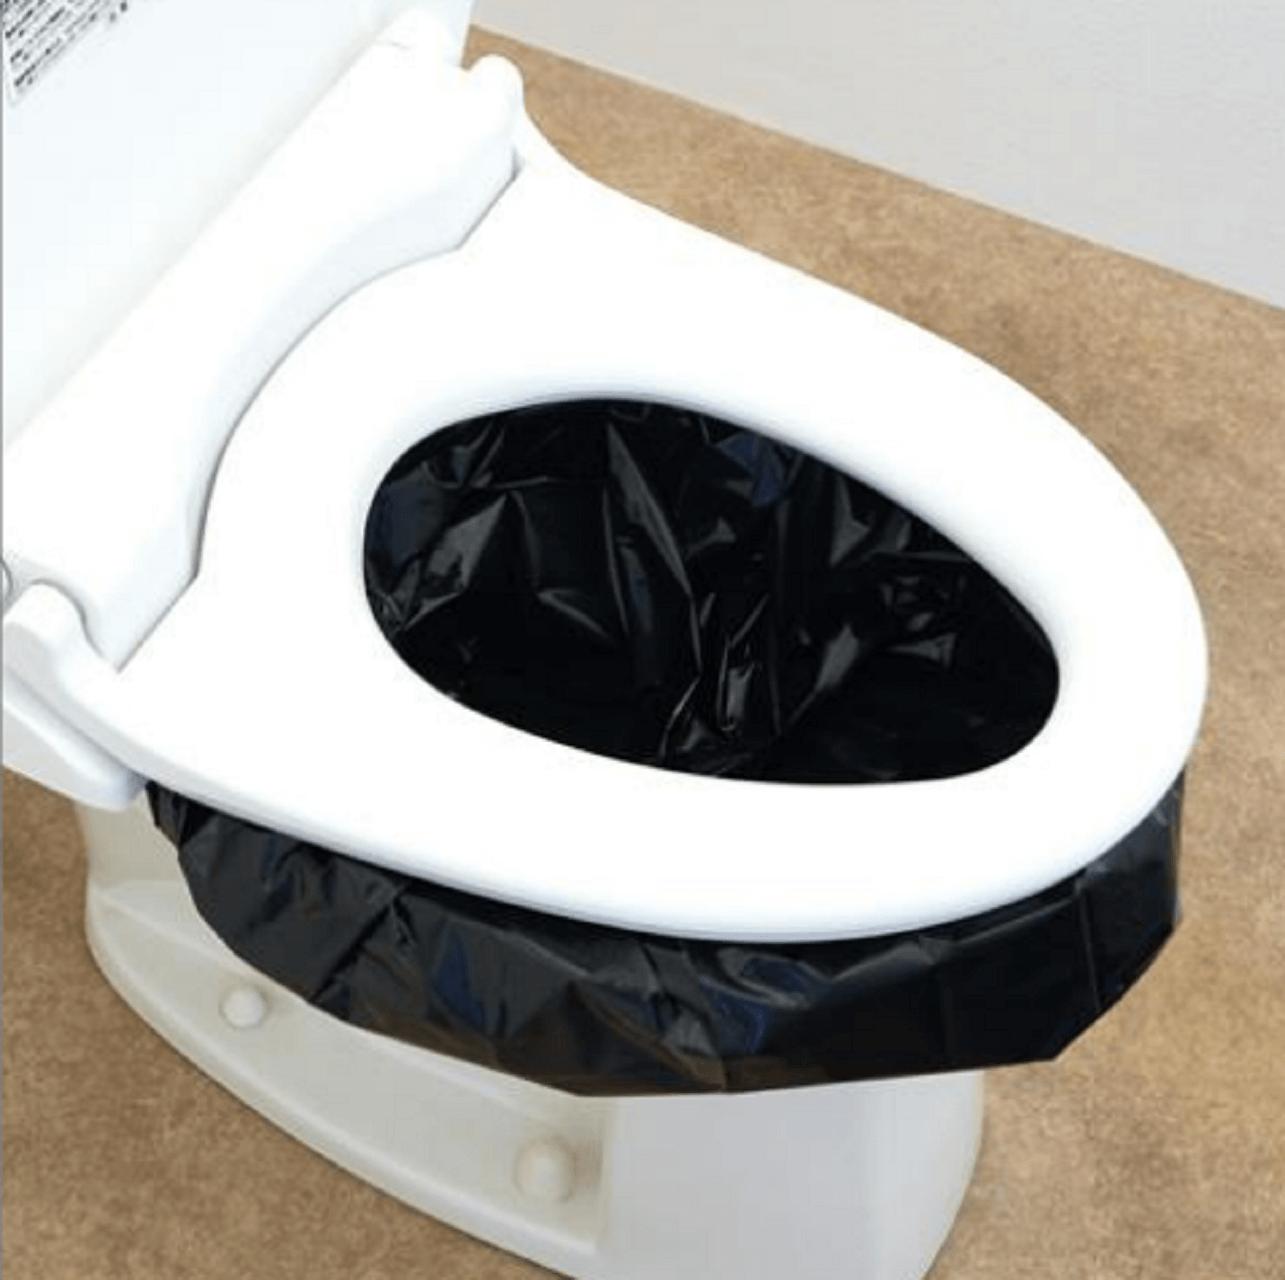 ダイソー簡易トイレを設置